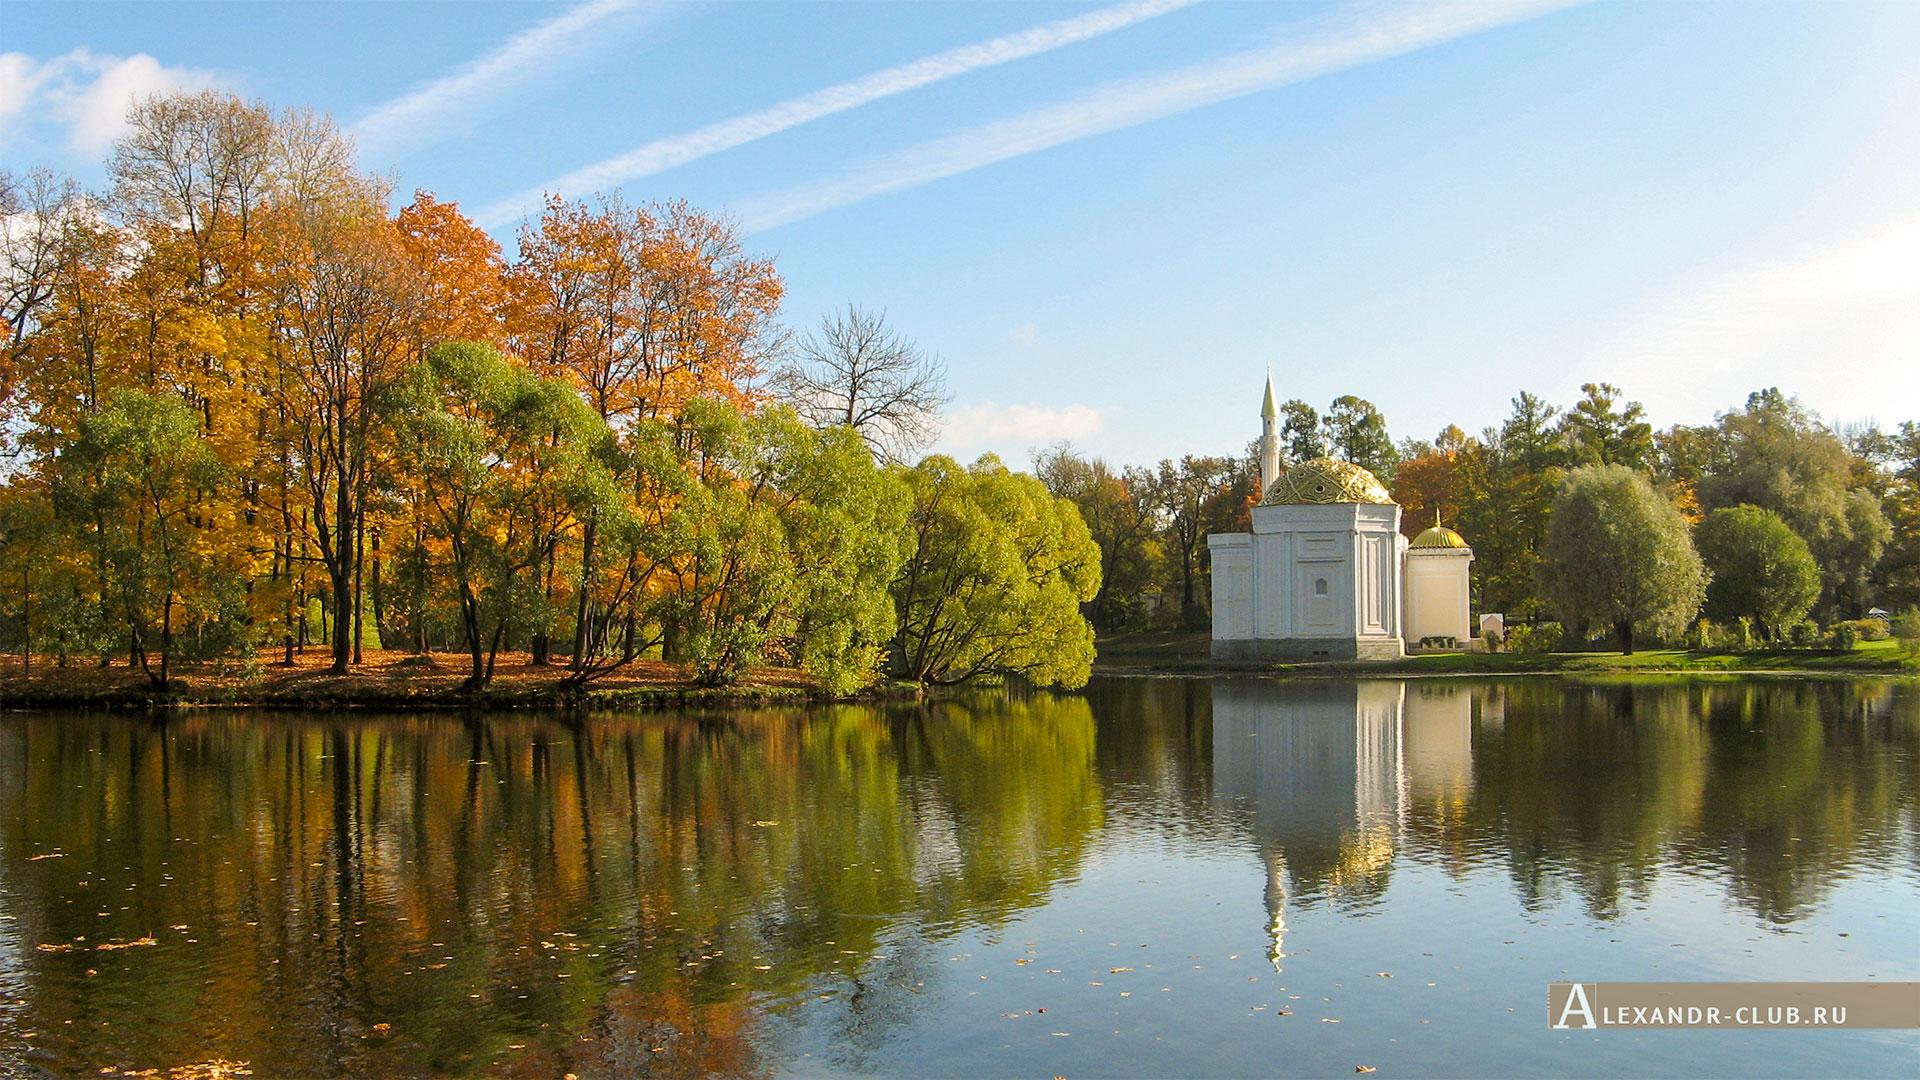 Царское Село, осень, Екатерининский парк, Большой пруд, Турецкая баня